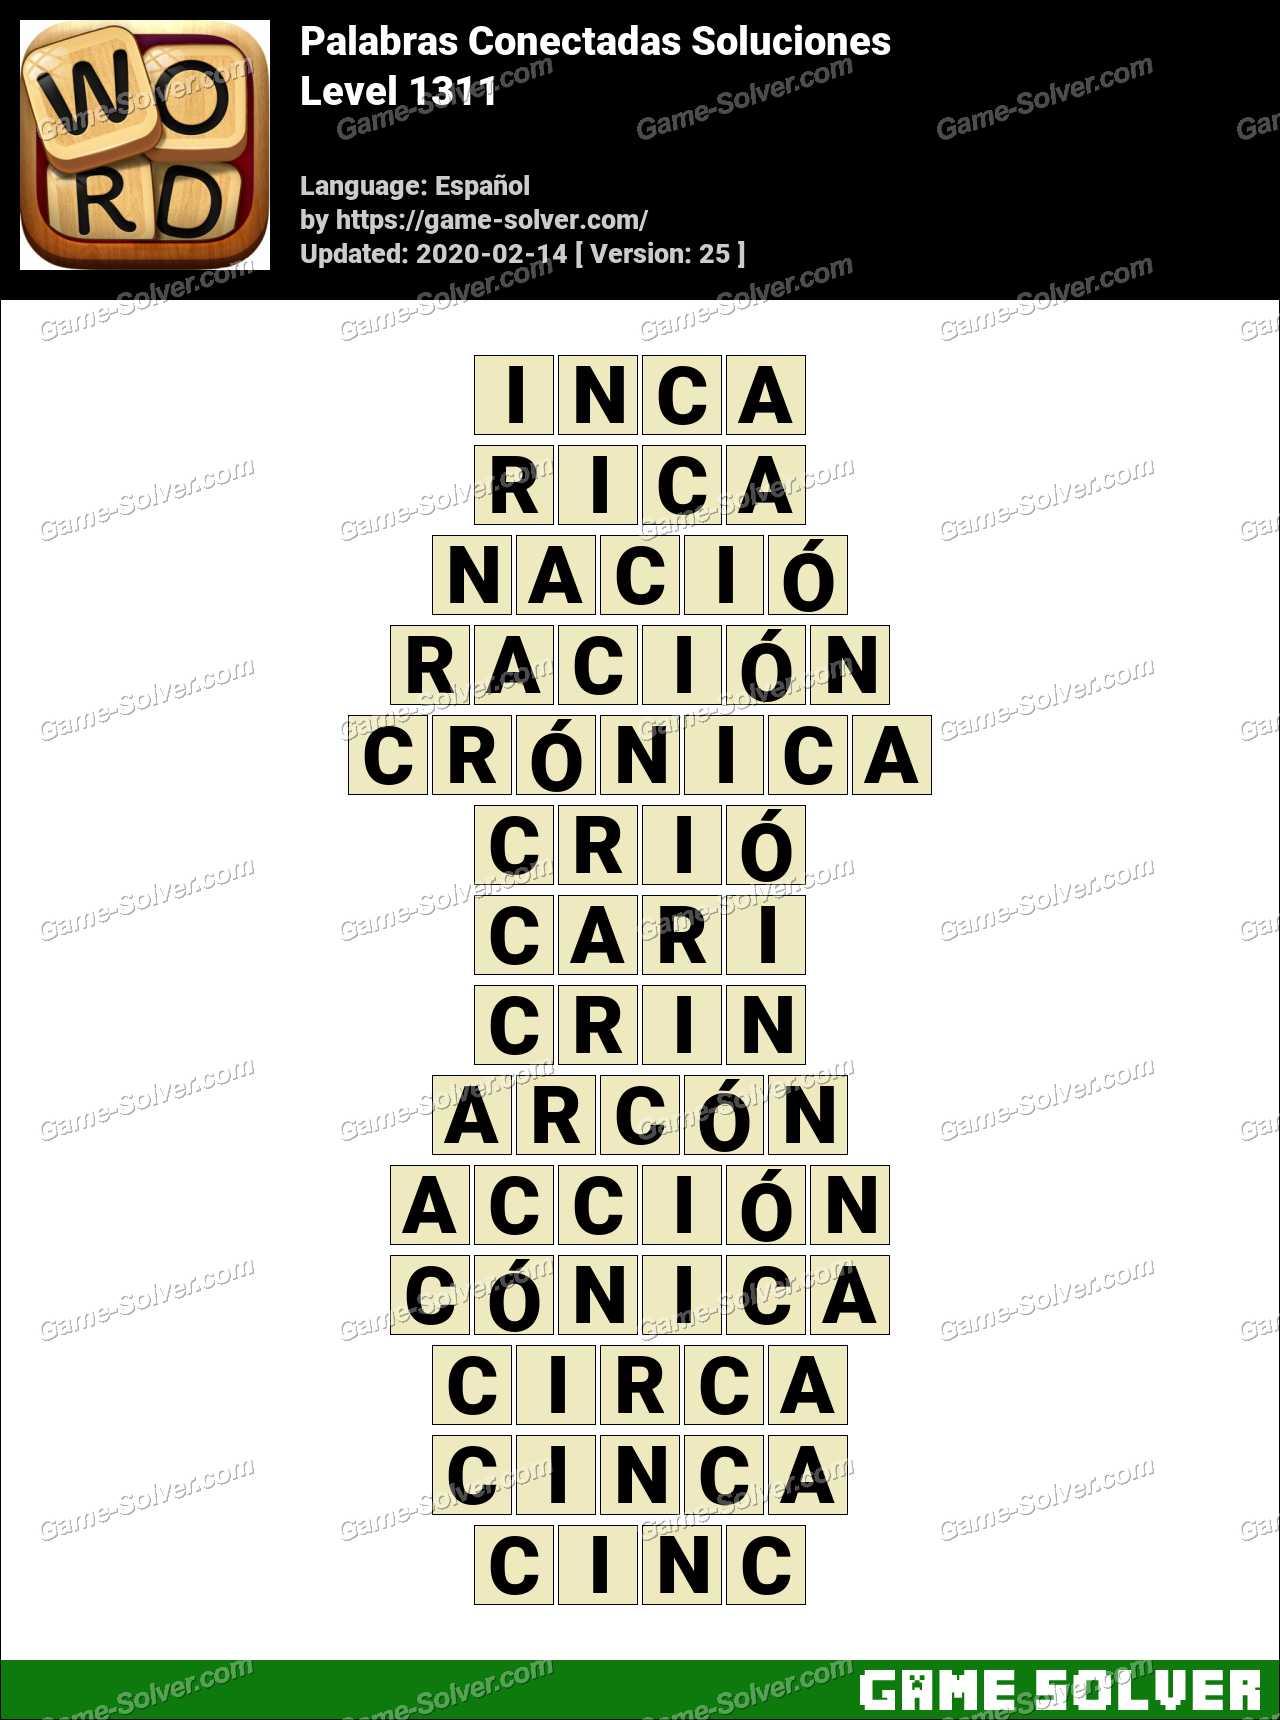 Palabras Conectadas Nivel 1311 Soluciones